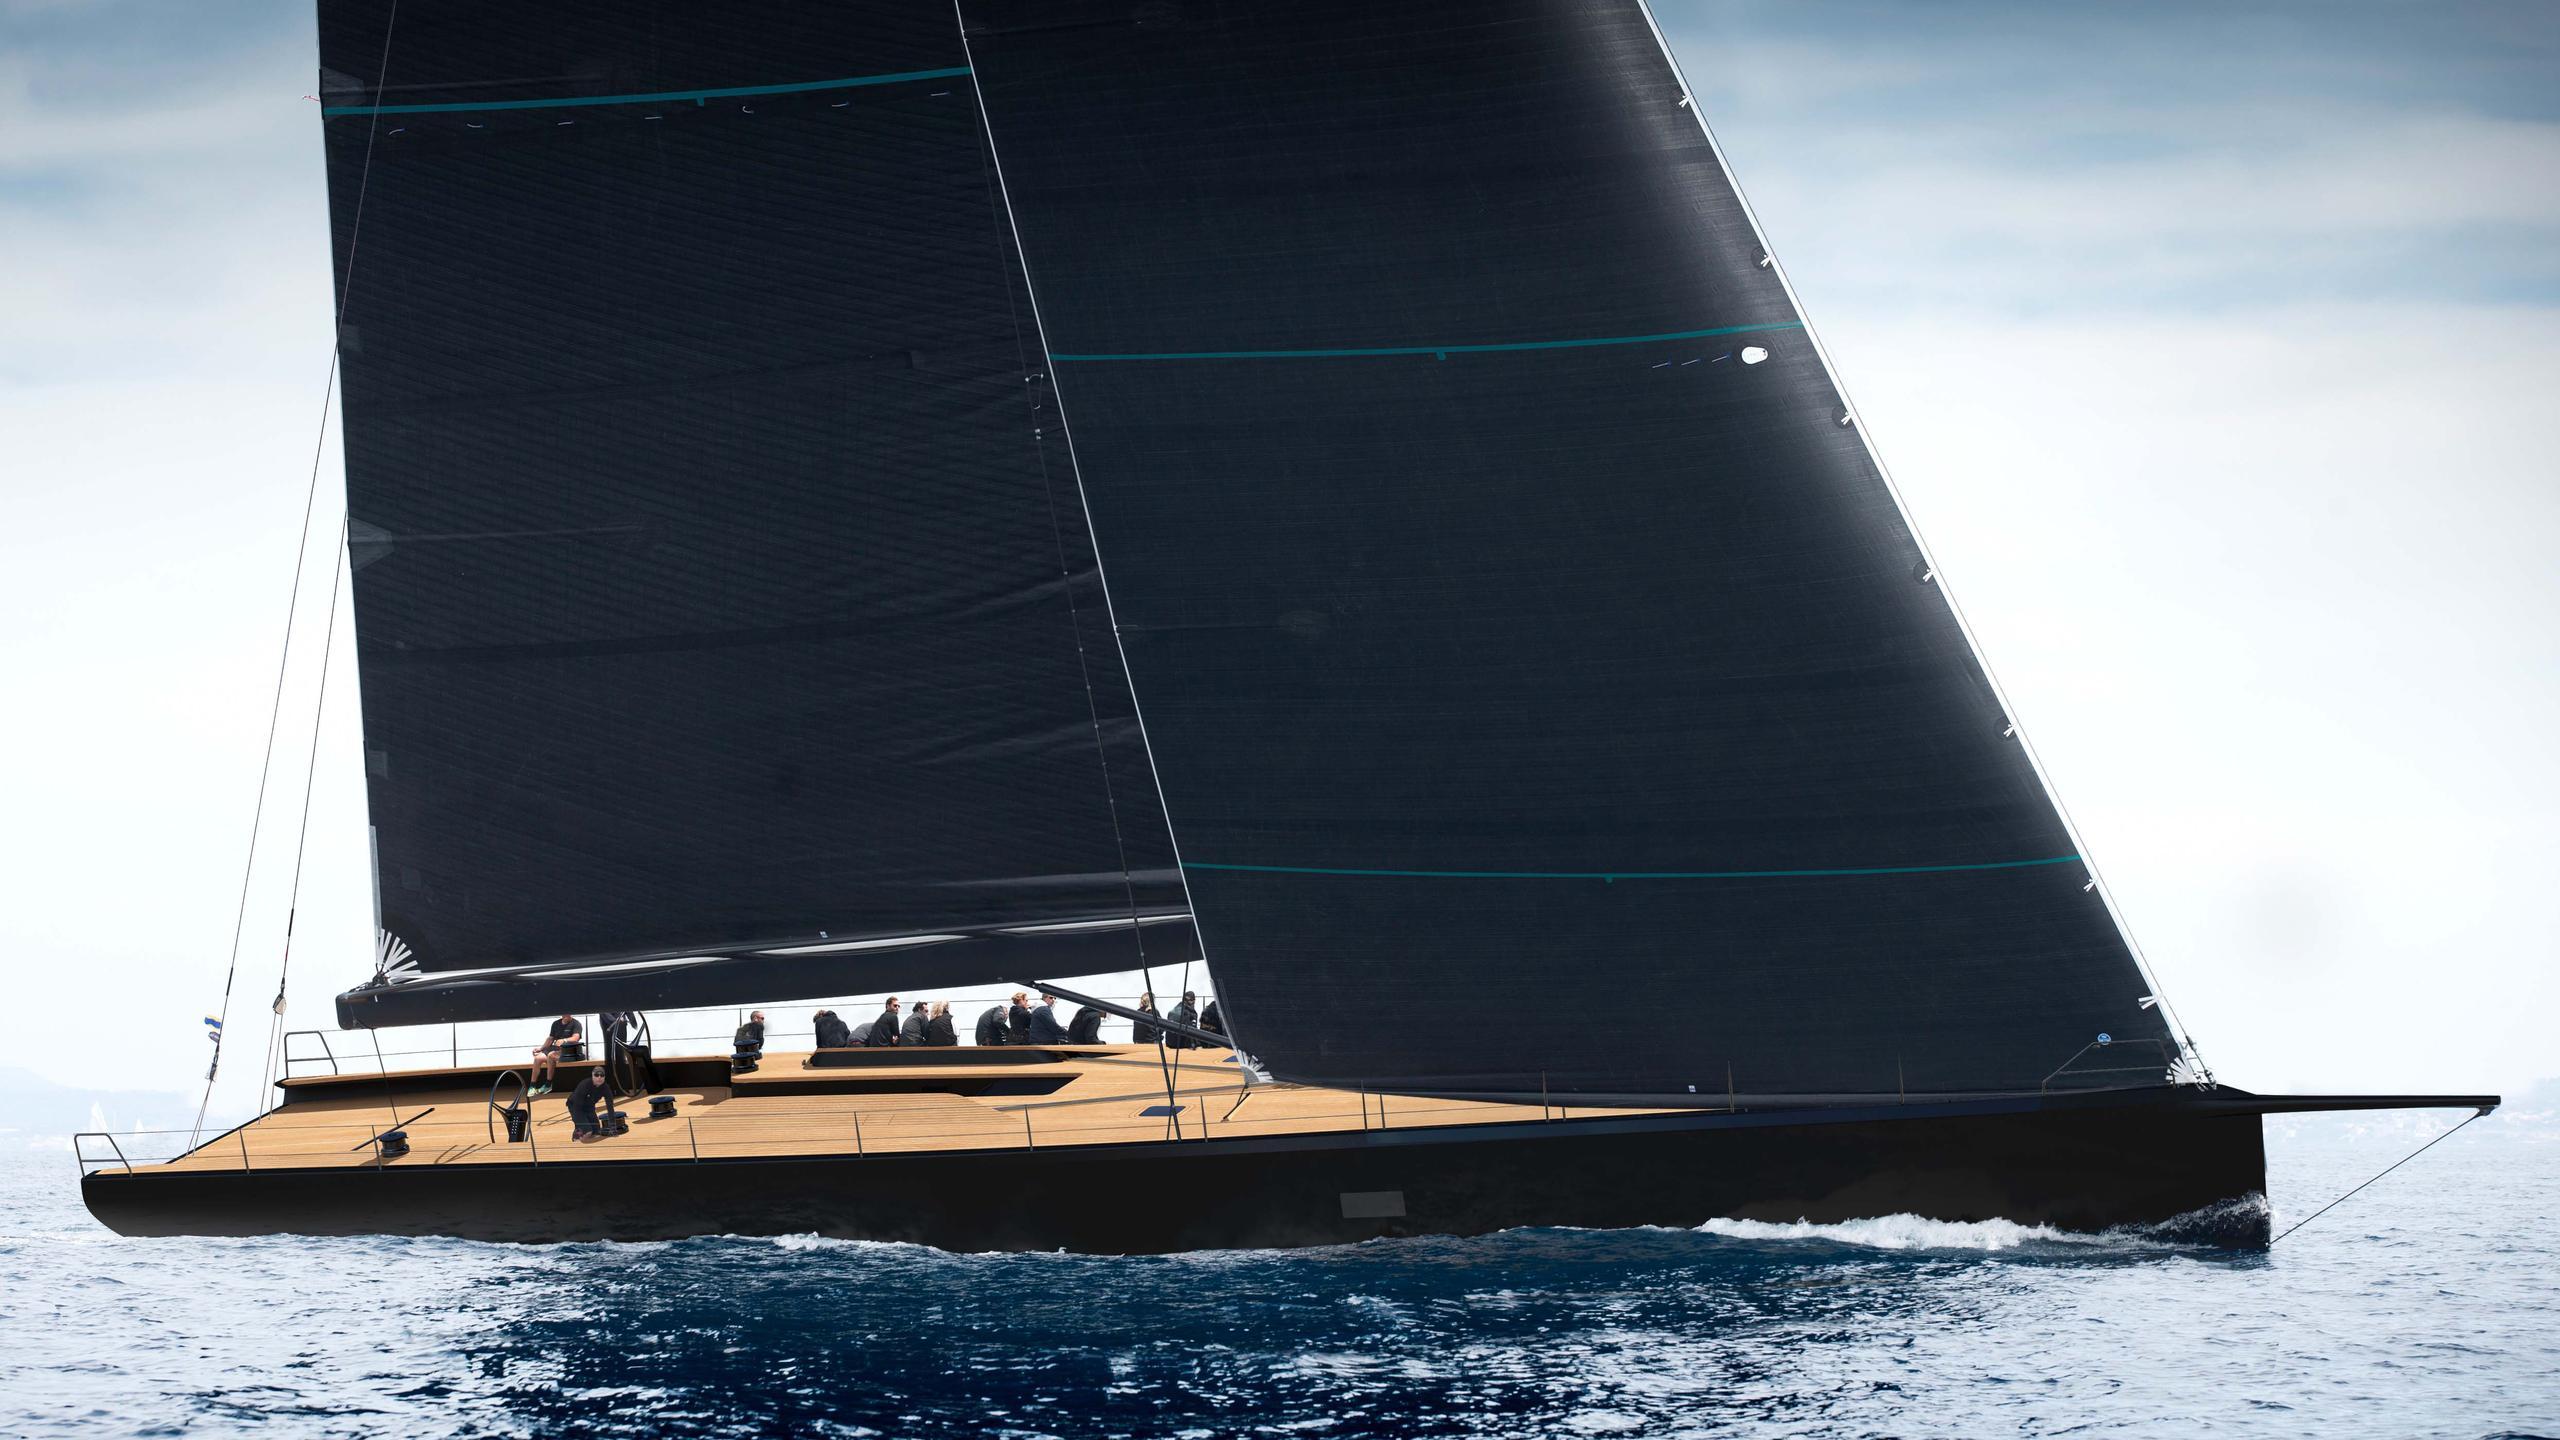 nahita wally 93 sailing yacht 2018 28m rendering